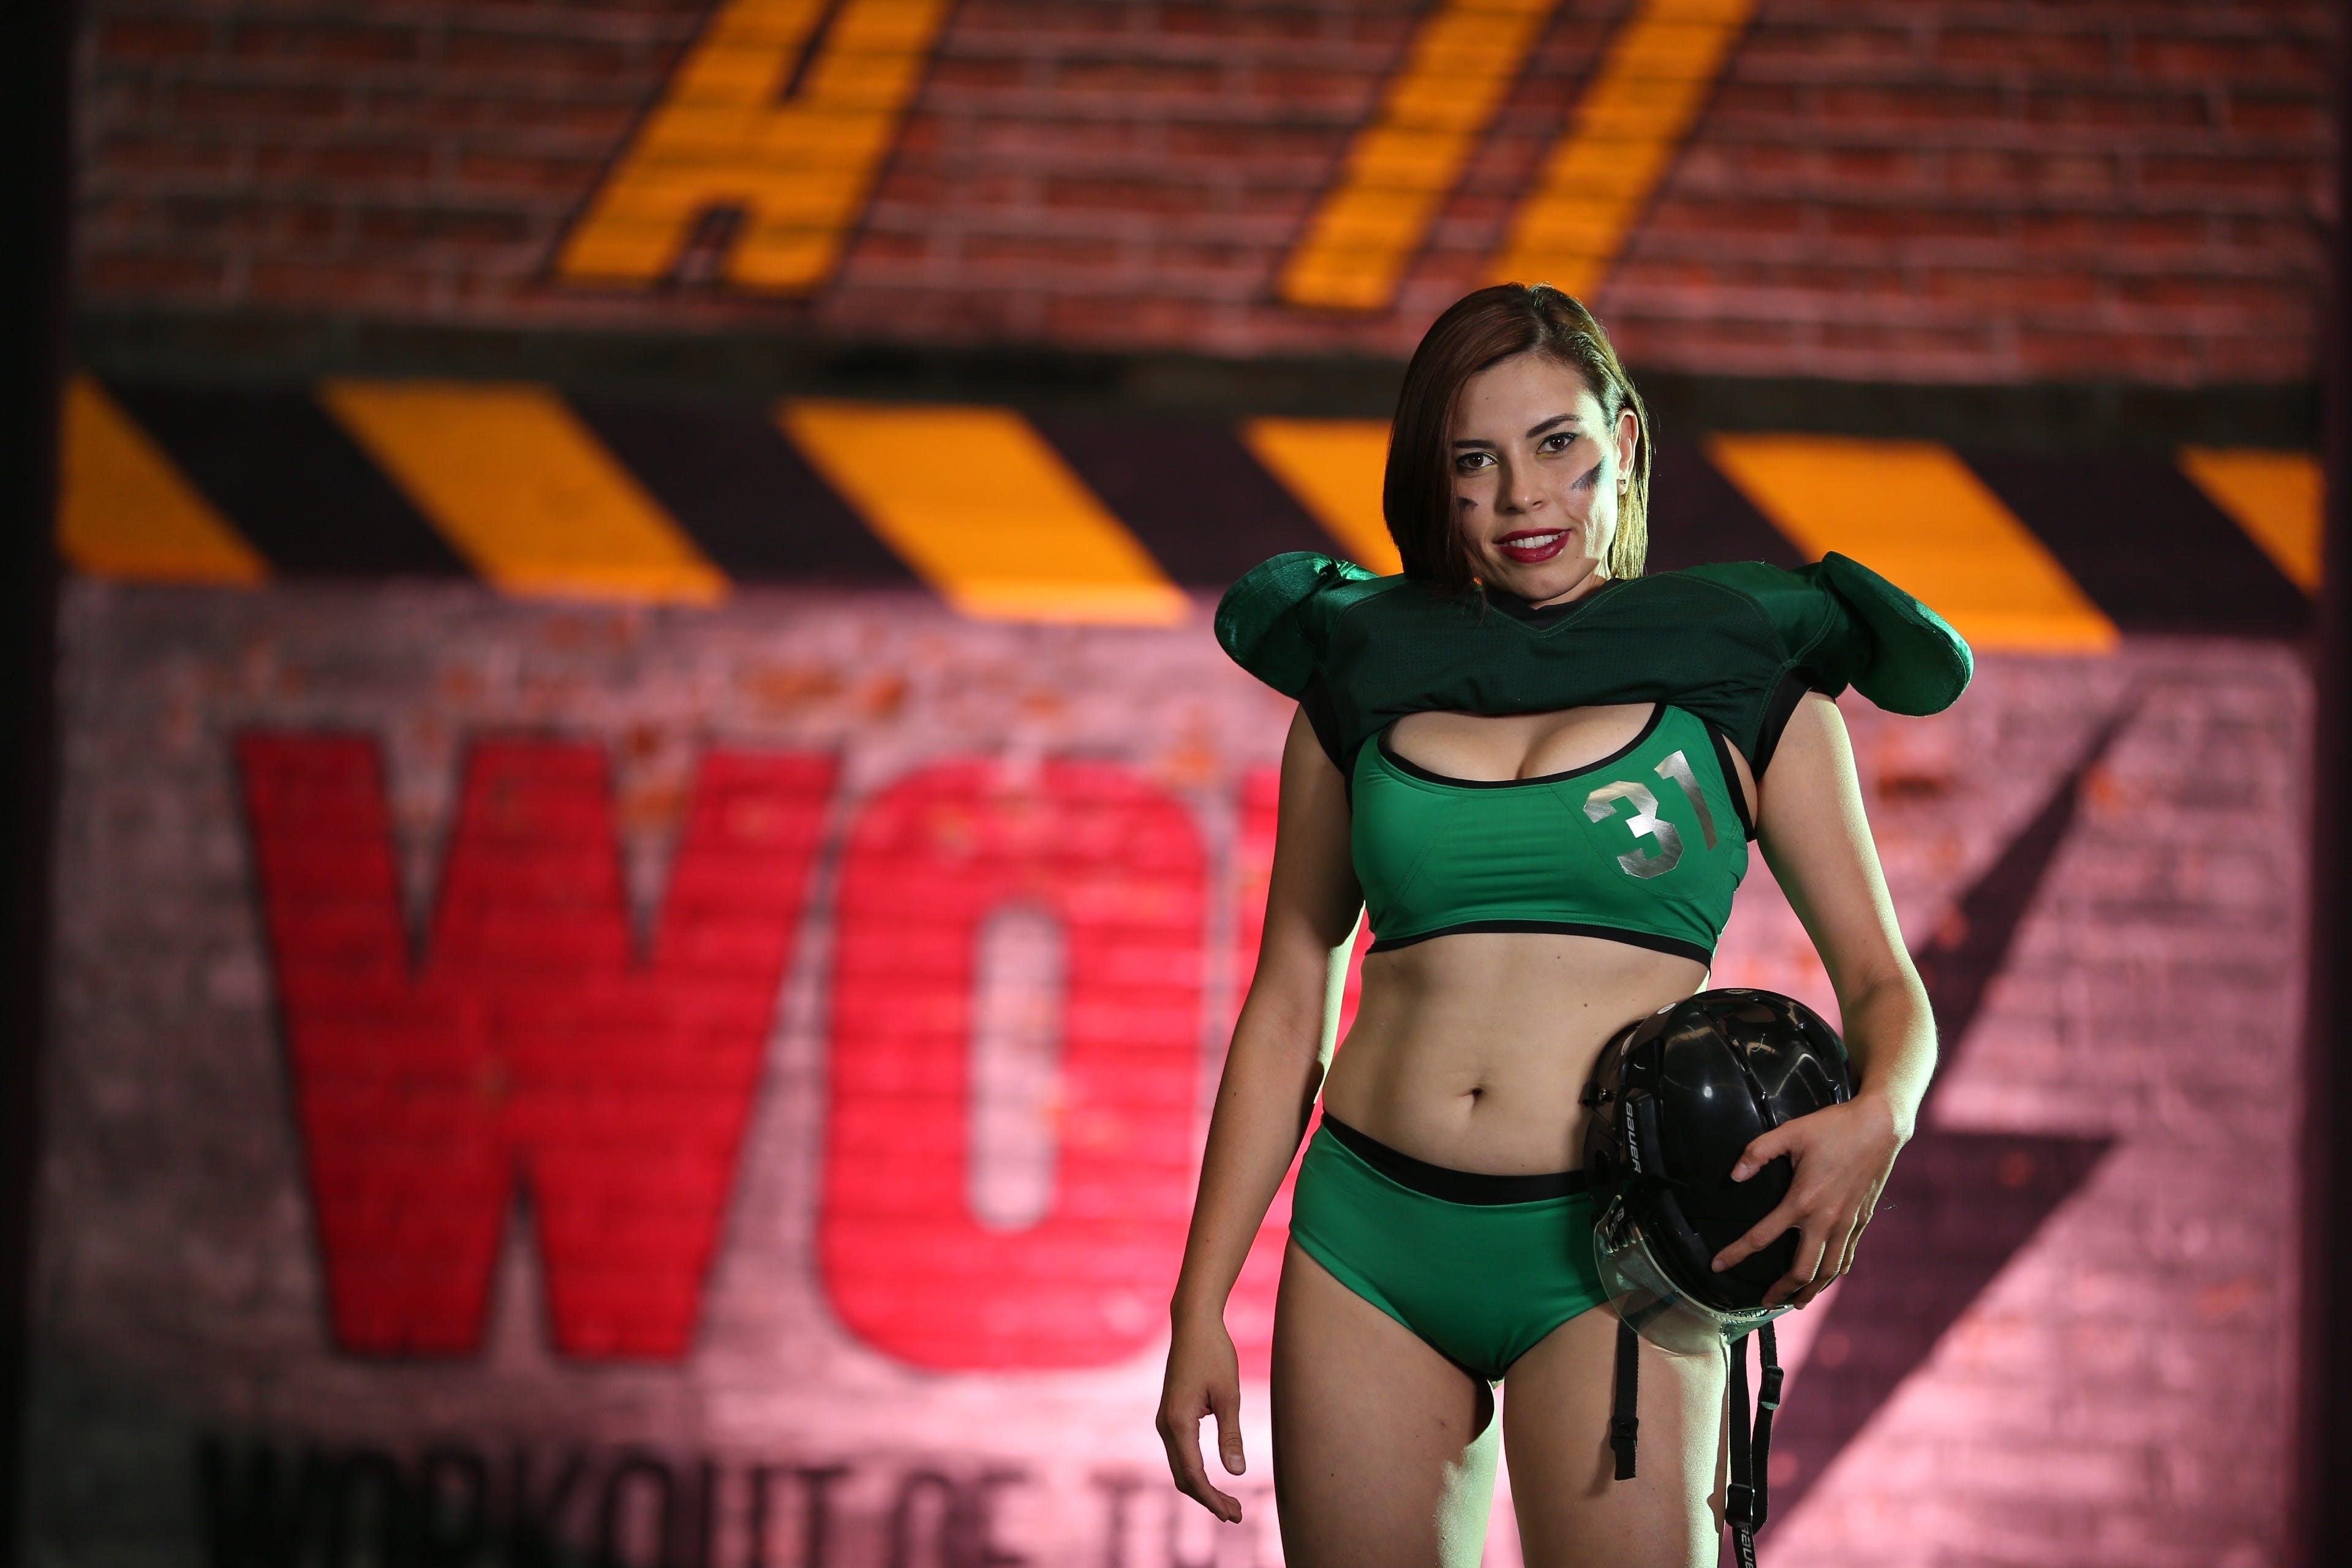 Woman in Green Jersey Set Standing Near Maroon Wall